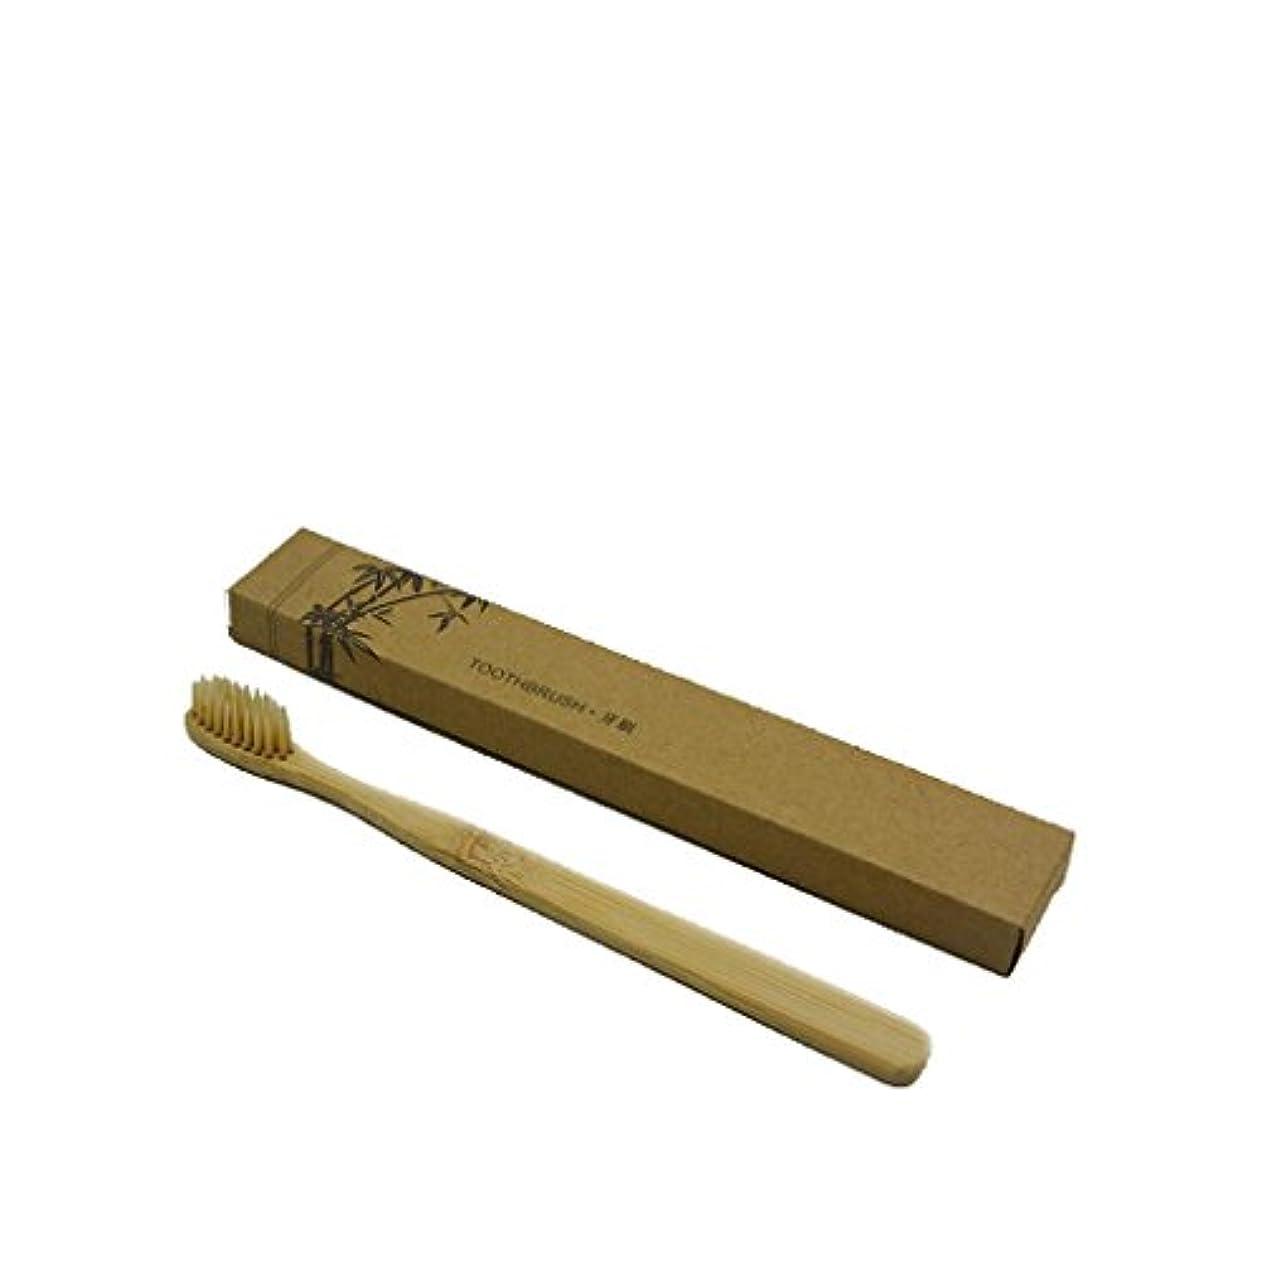 是正するダンスパシフィックNerhaily 竹製歯ブラシ ミディアム及びソフト、生分解性、ビーガン、バイオ、エコ、持続可能な木製ハンドル、ホワイトニング 歯 竹歯ブラシ